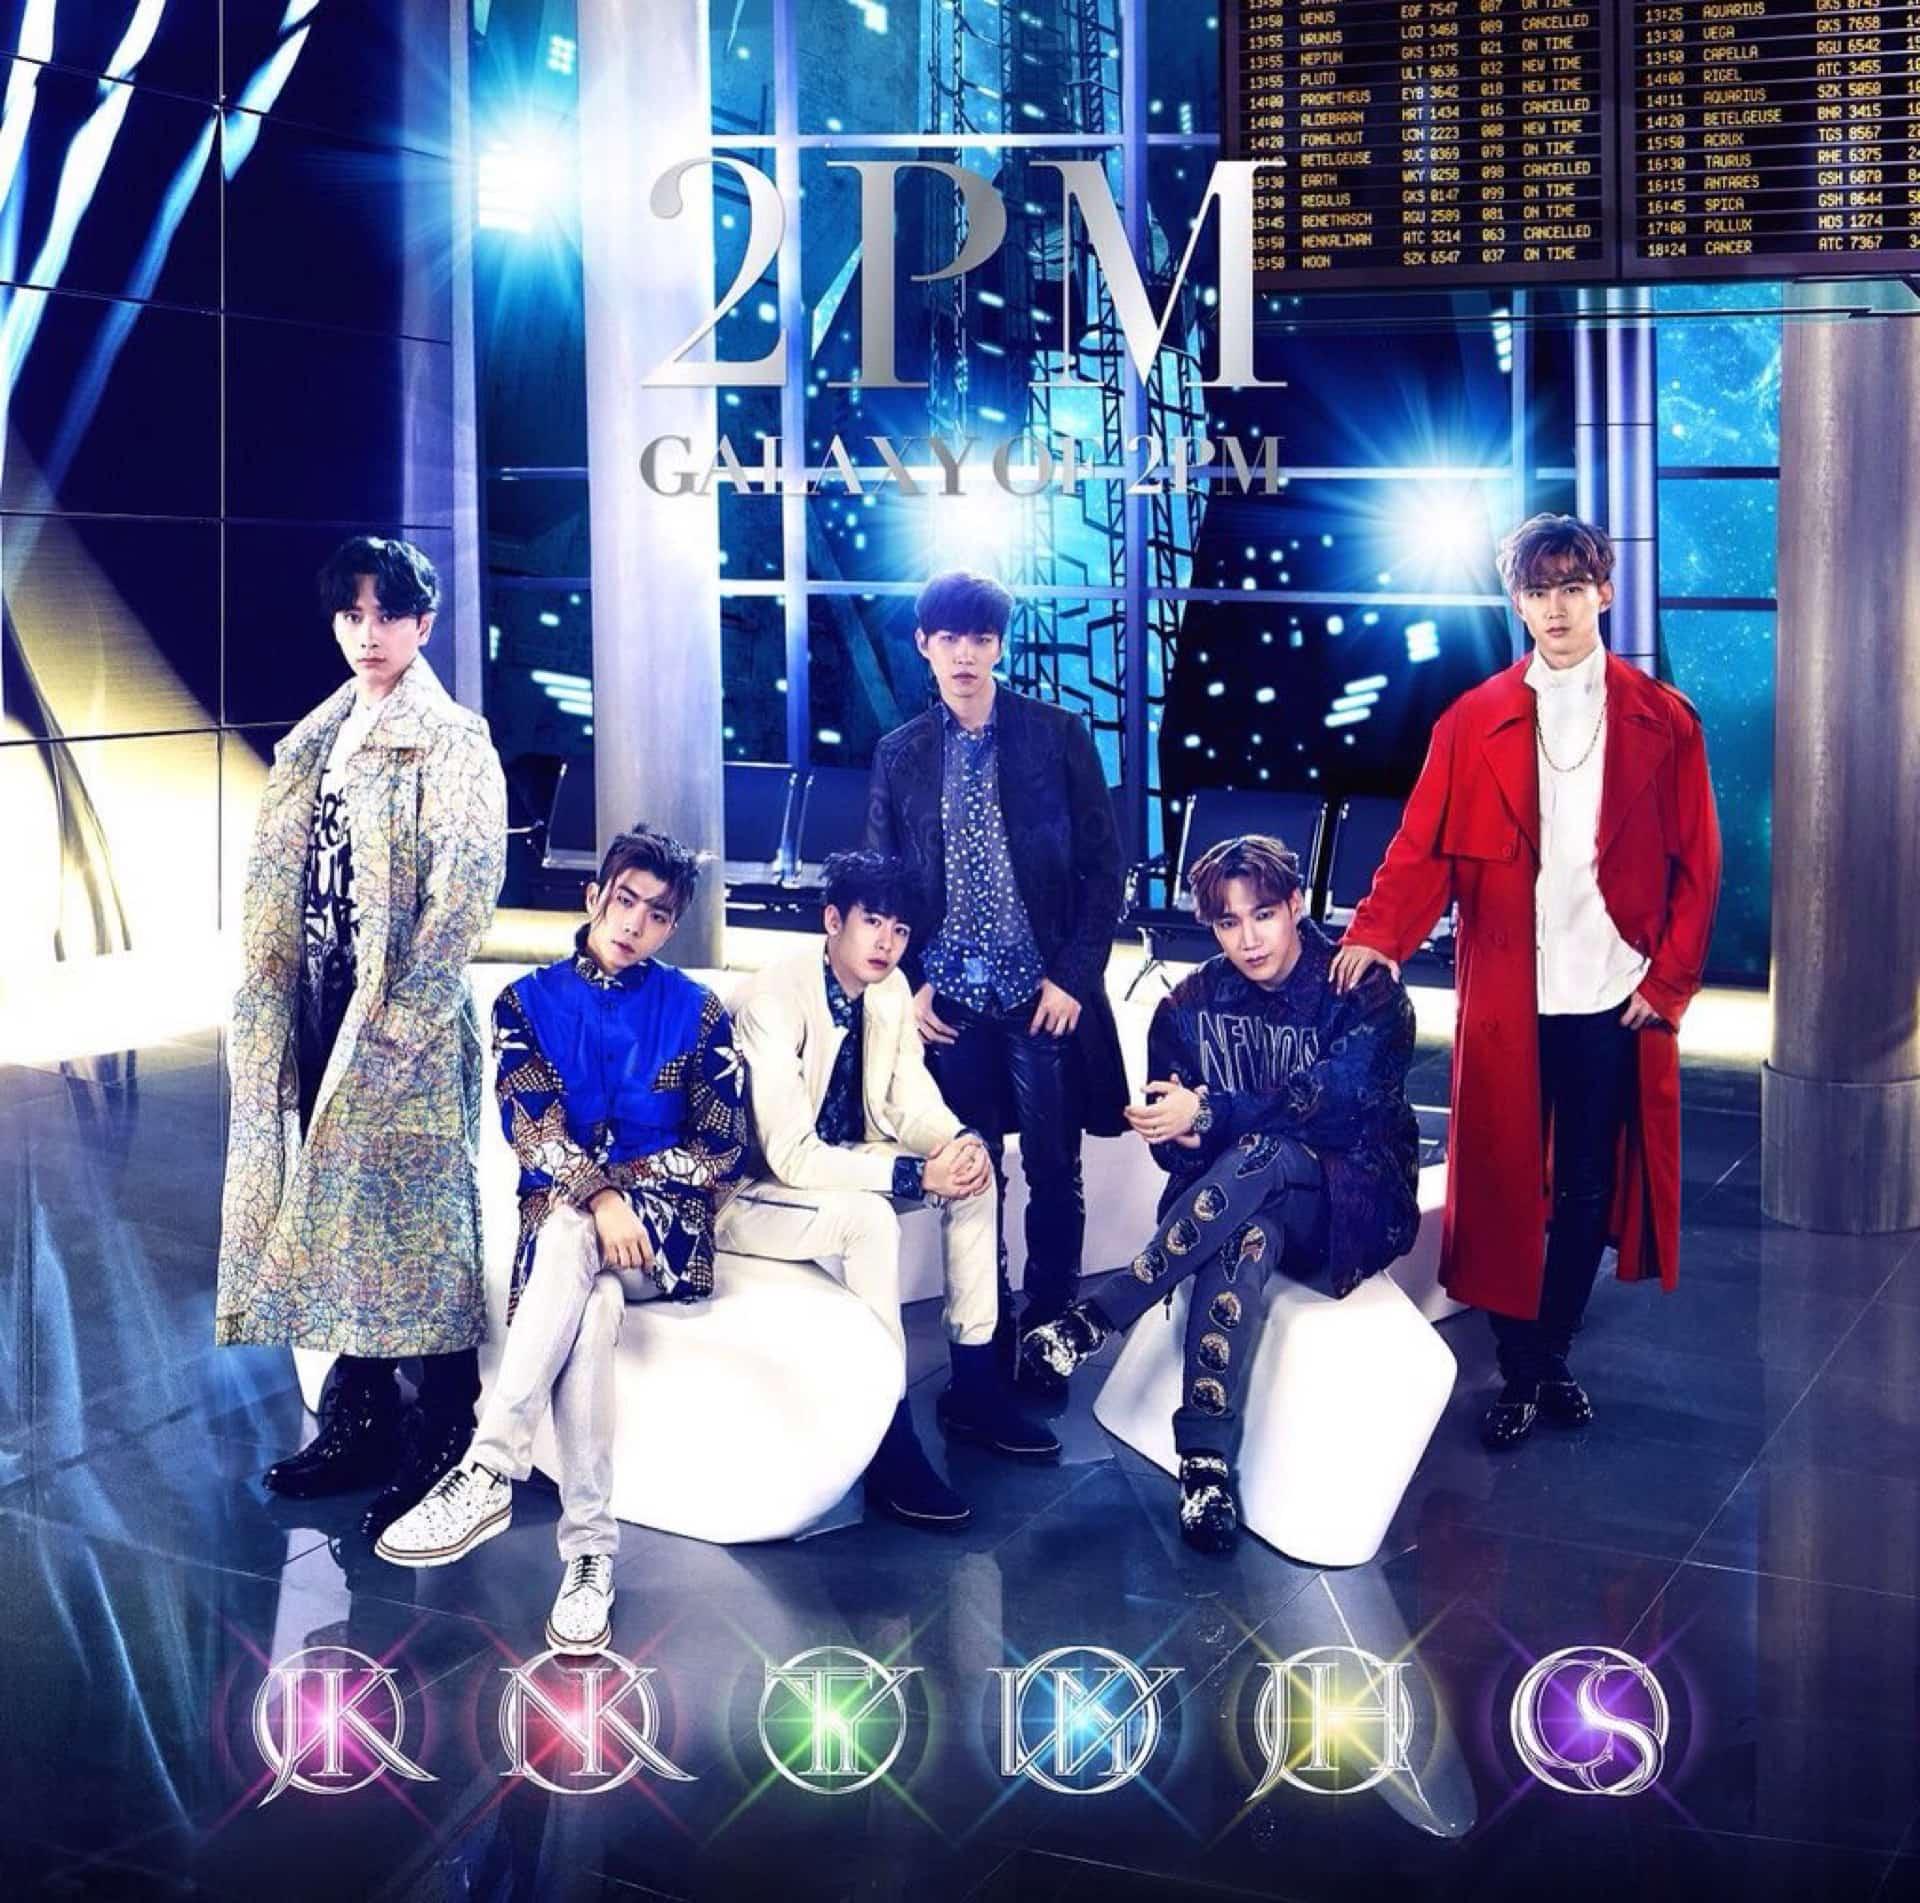 最大96%オフも!2PMのシングル・アルバムの買いそびれはない?タワレコセールでお得にGET